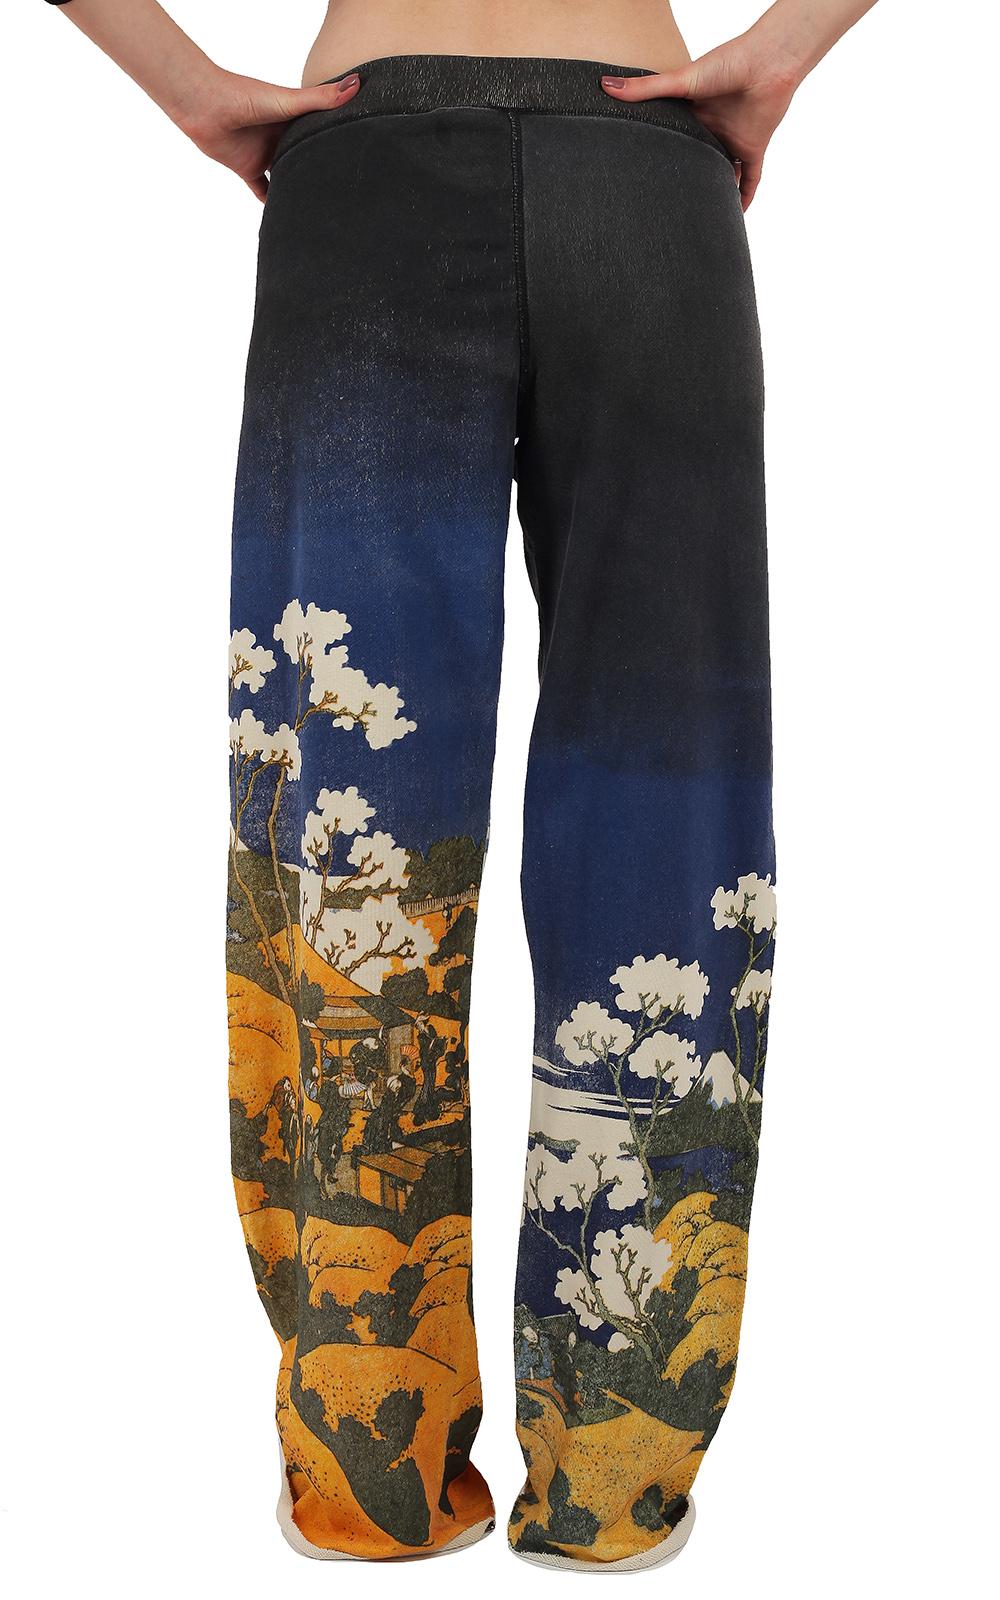 Спортивные женские брюки Paparazzi в модном восточном стиле. Принт с игрой цвета DIP-DYE